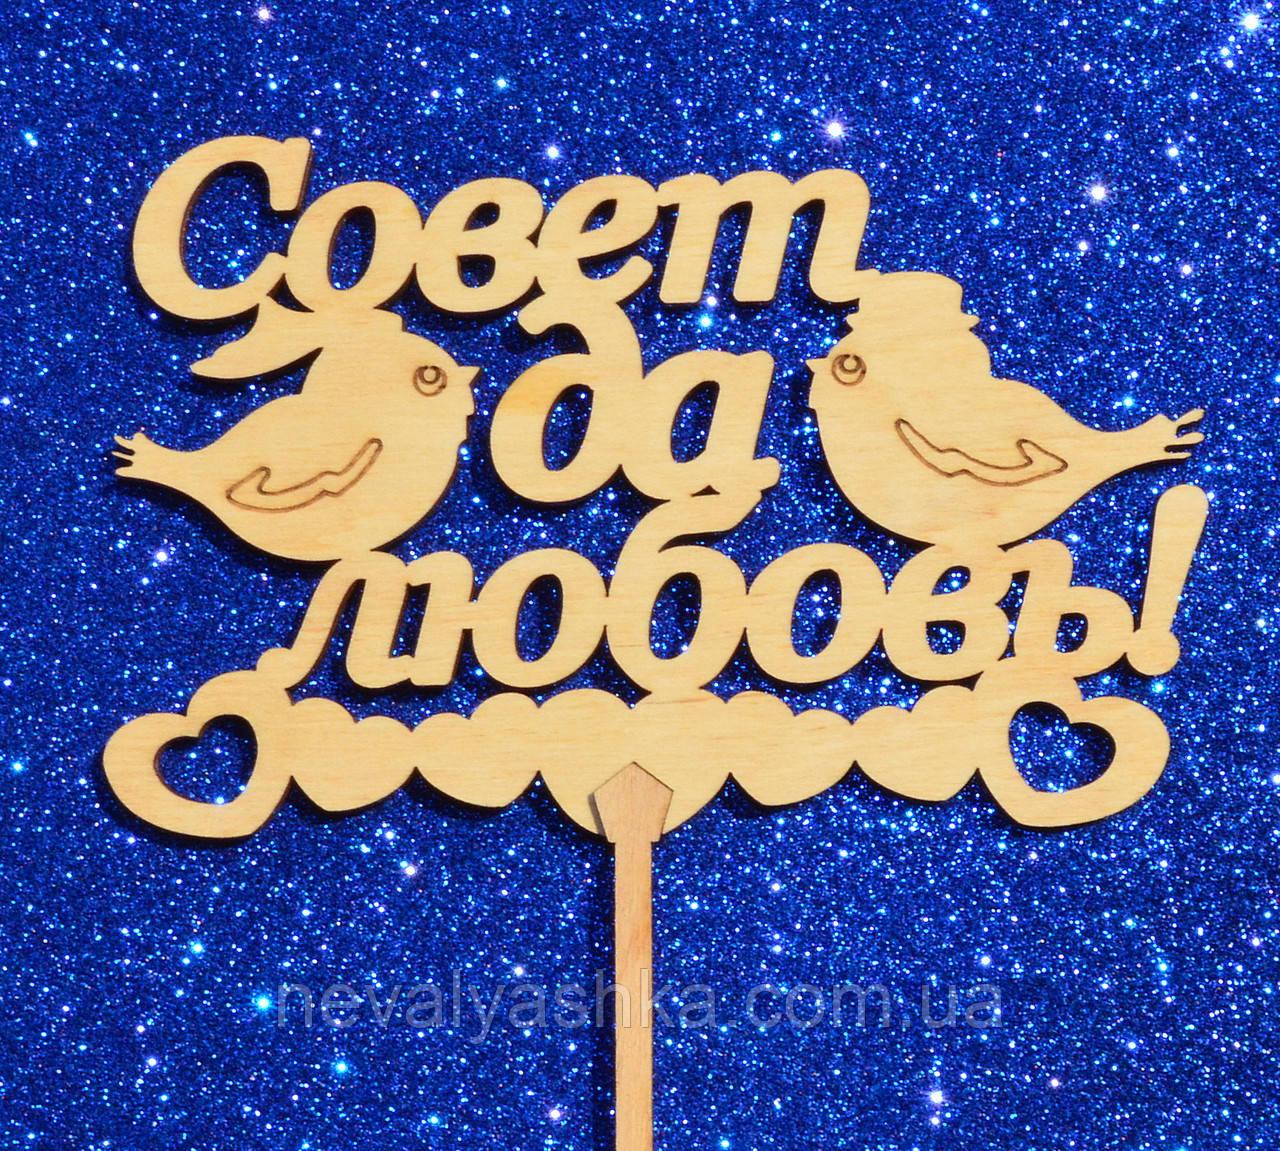 Топпер Свадебный СОВЕТ ДА ЛЮБОВЬ С днем Свадьбы Деревянный Топперы для Торта Топер дерев'яний из дерева